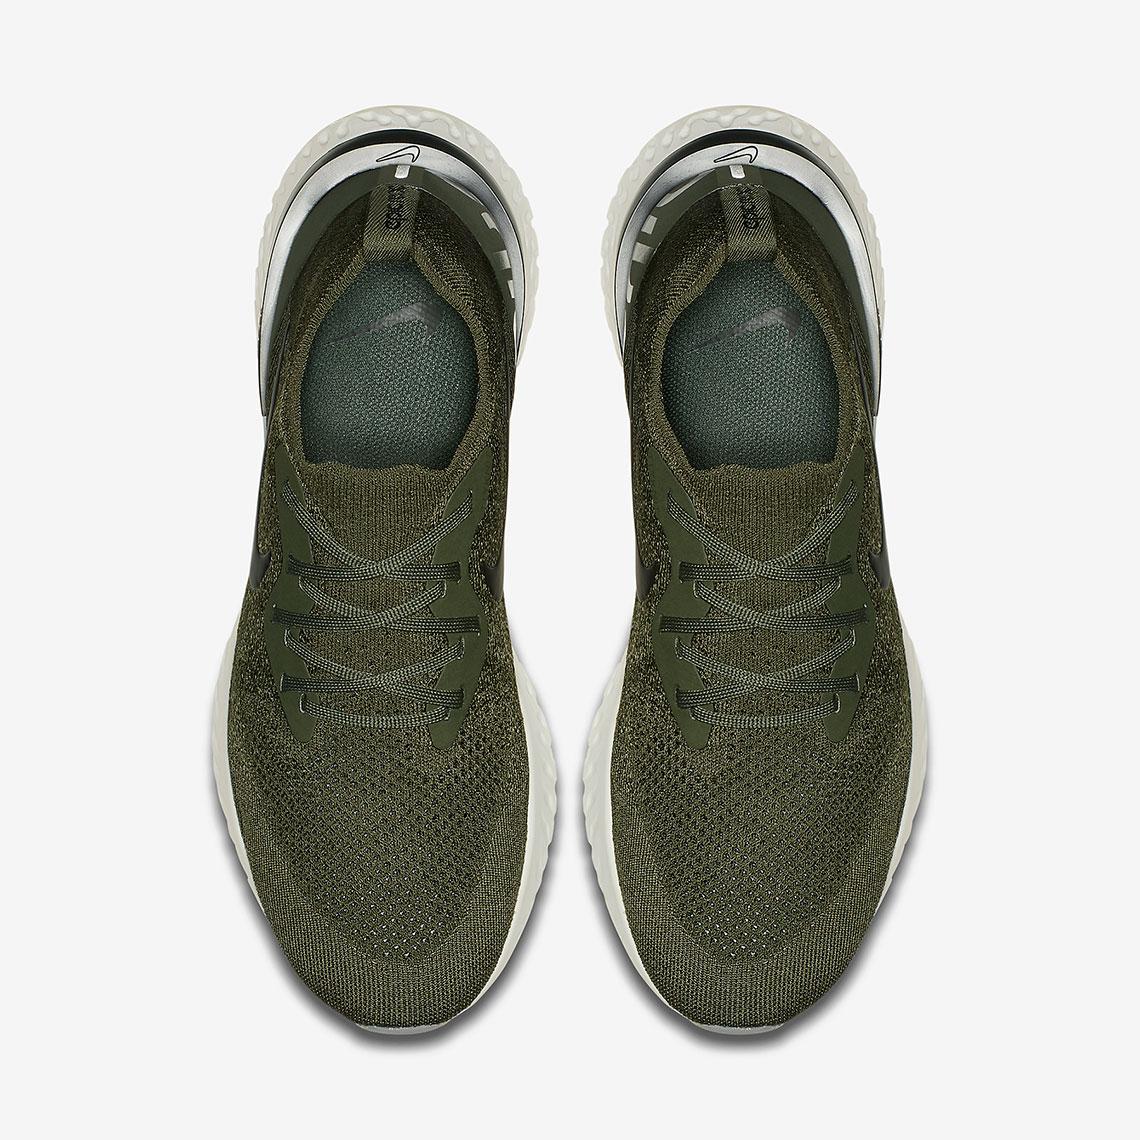 Nike Epic React Flyknit Women s Release Date  April 19 3ddc192d4f